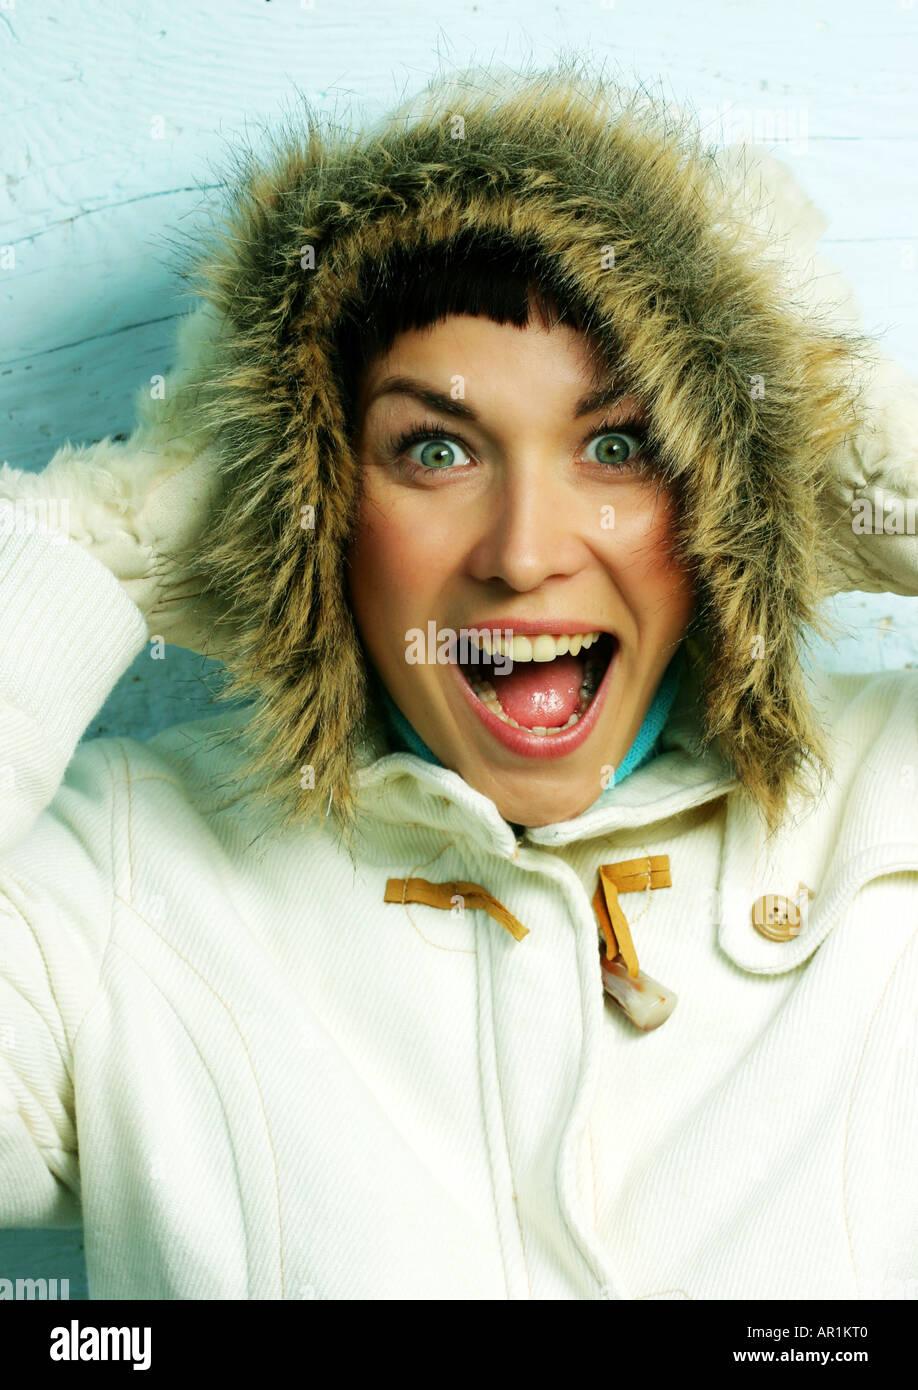 Indoor Studio schließen sich Frau 25 30 Brünette Schopf Porträt Fell Kapuze Handschuh Handschuhe Jacke weißen schreien schreien Emotionen Stockbild